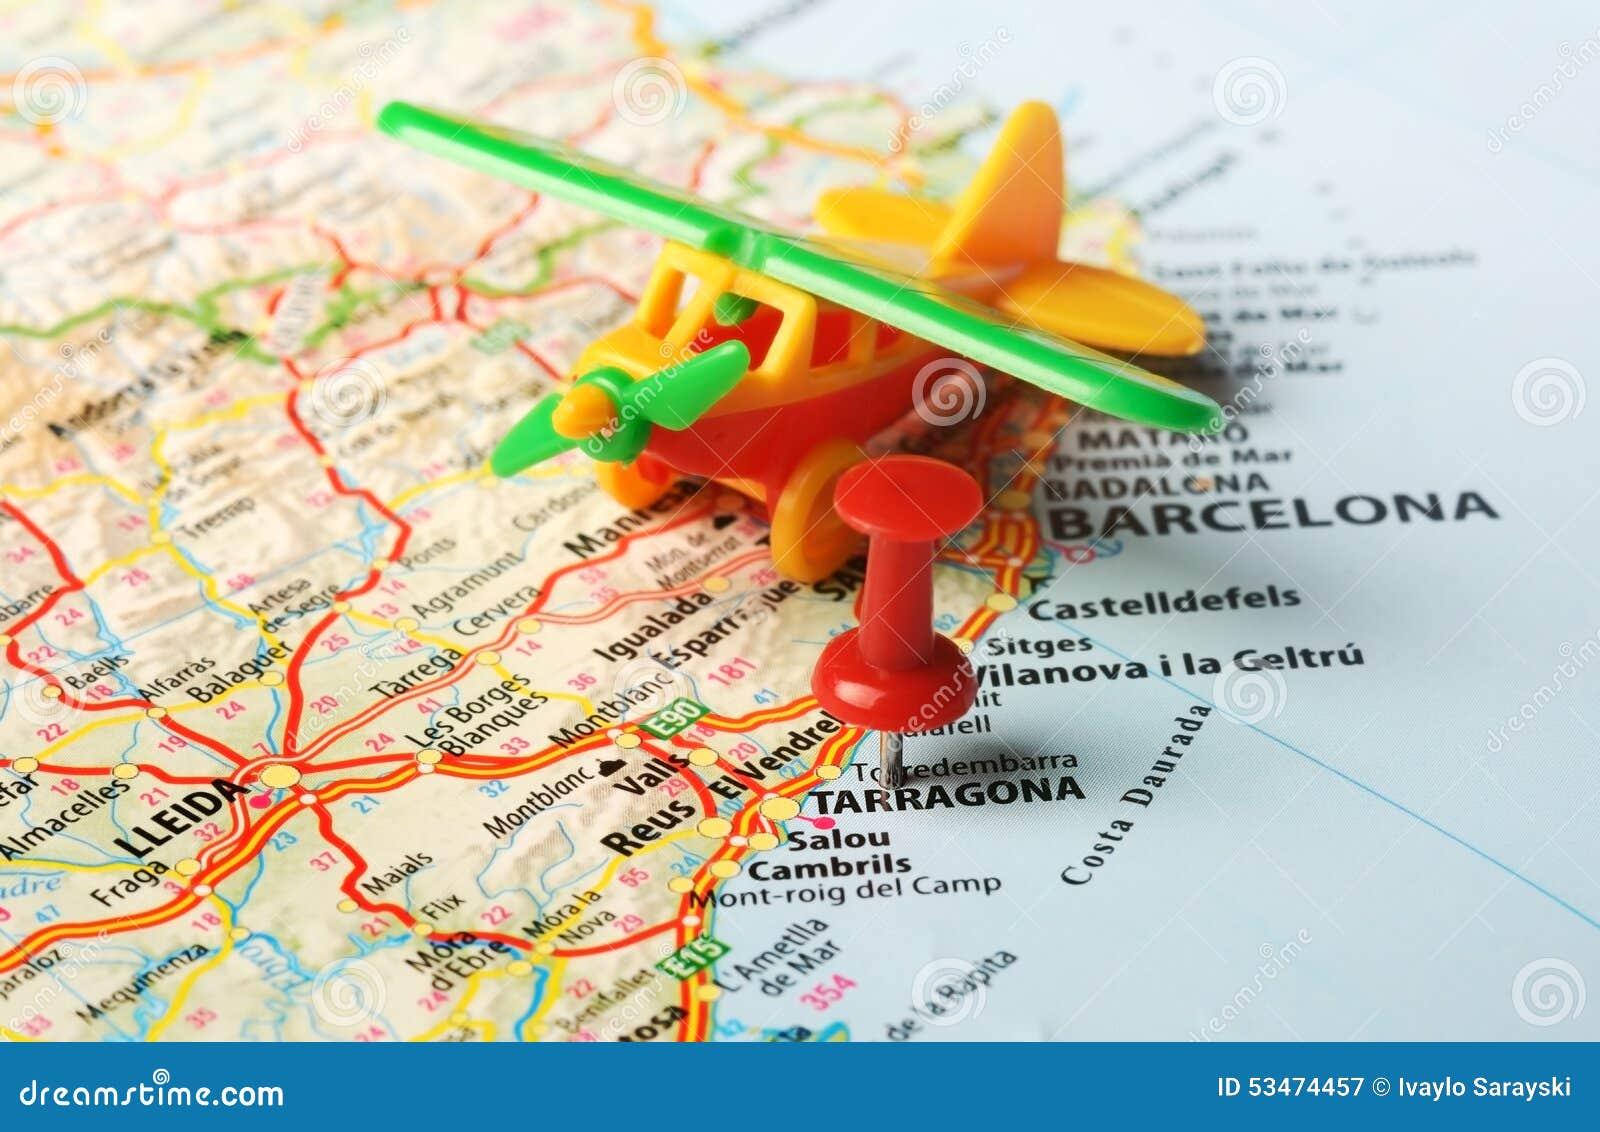 Castellon de la plana map airplane stock photo image - Muebles en castellon dela plana ...